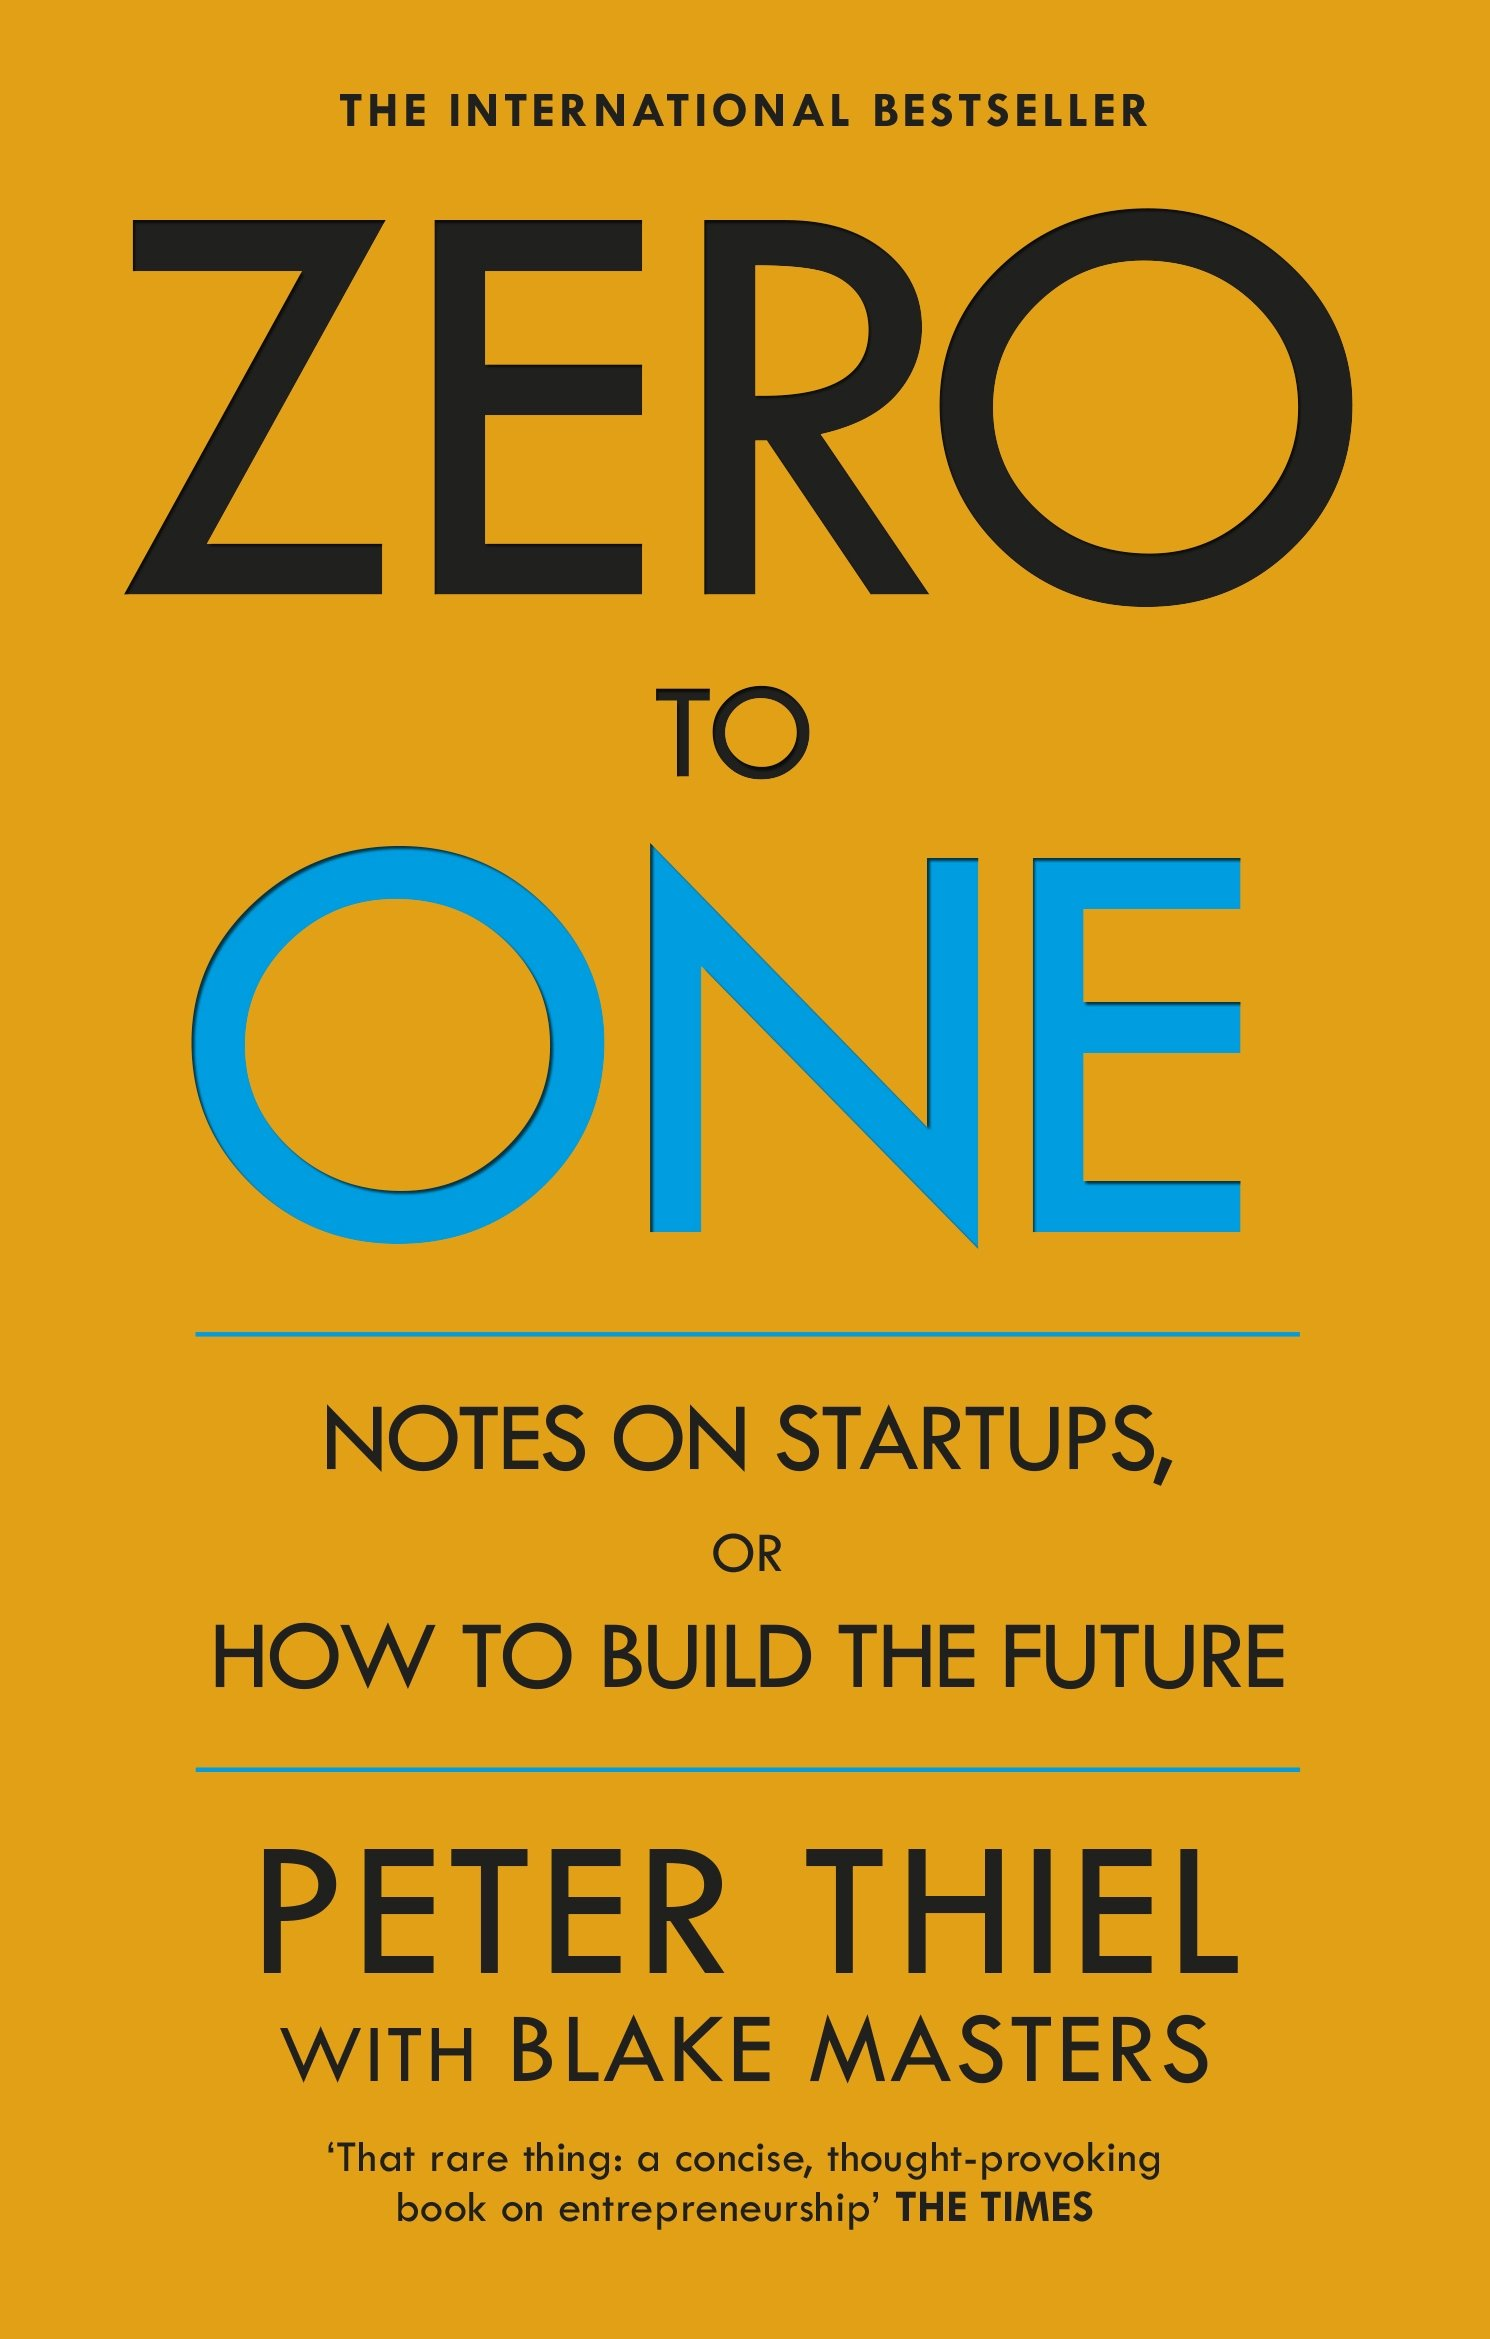 Zero One Notes Startups Future